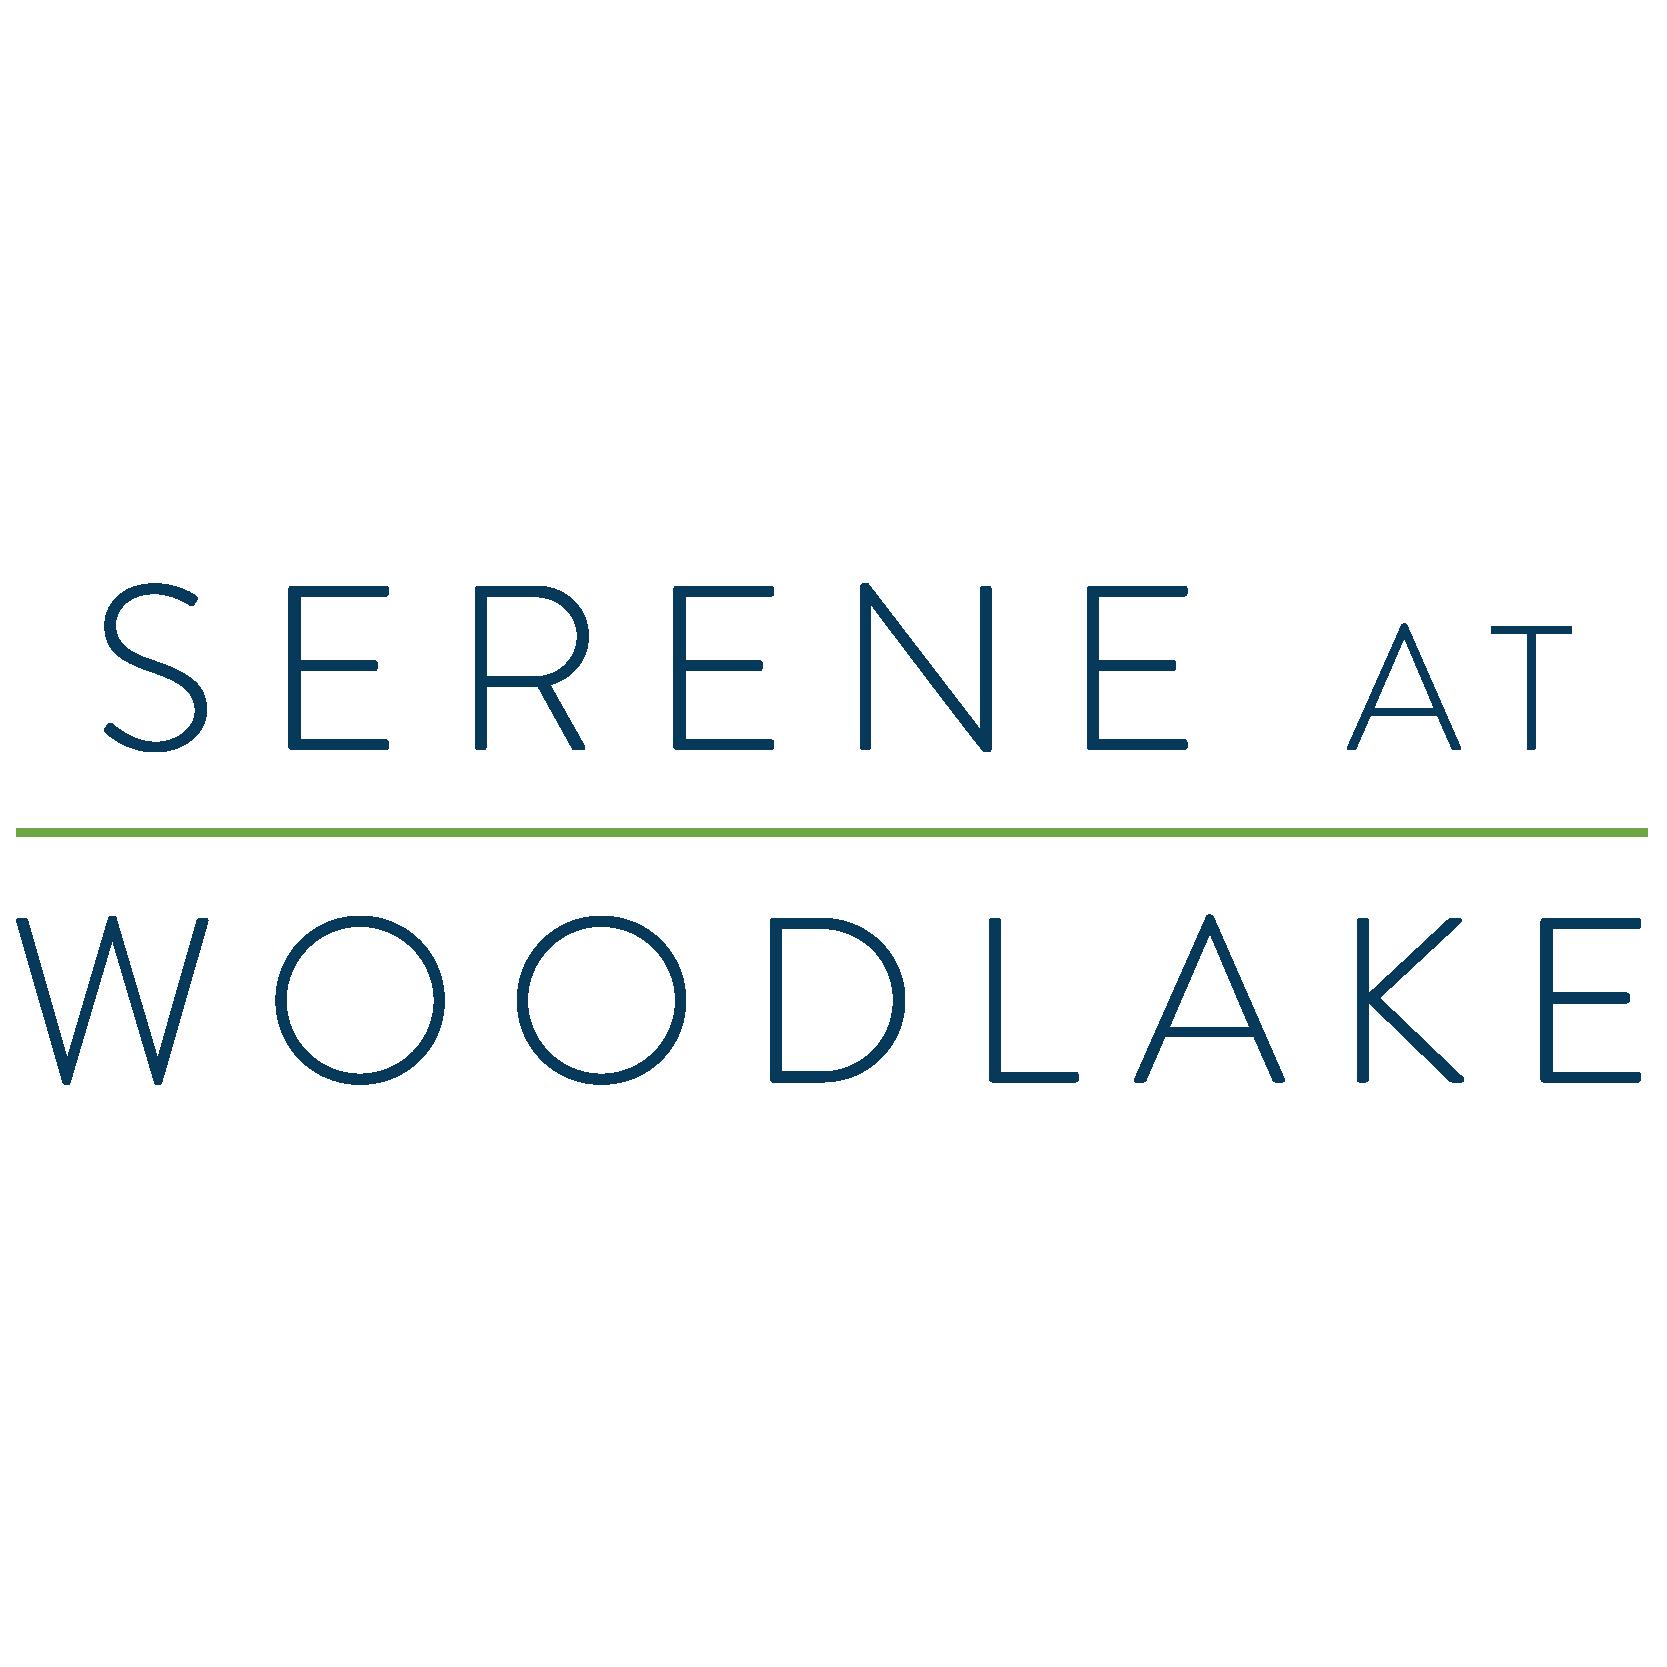 Serene at Woodlake - Athens, GA 30606 - (706)612-0505 | ShowMeLocal.com